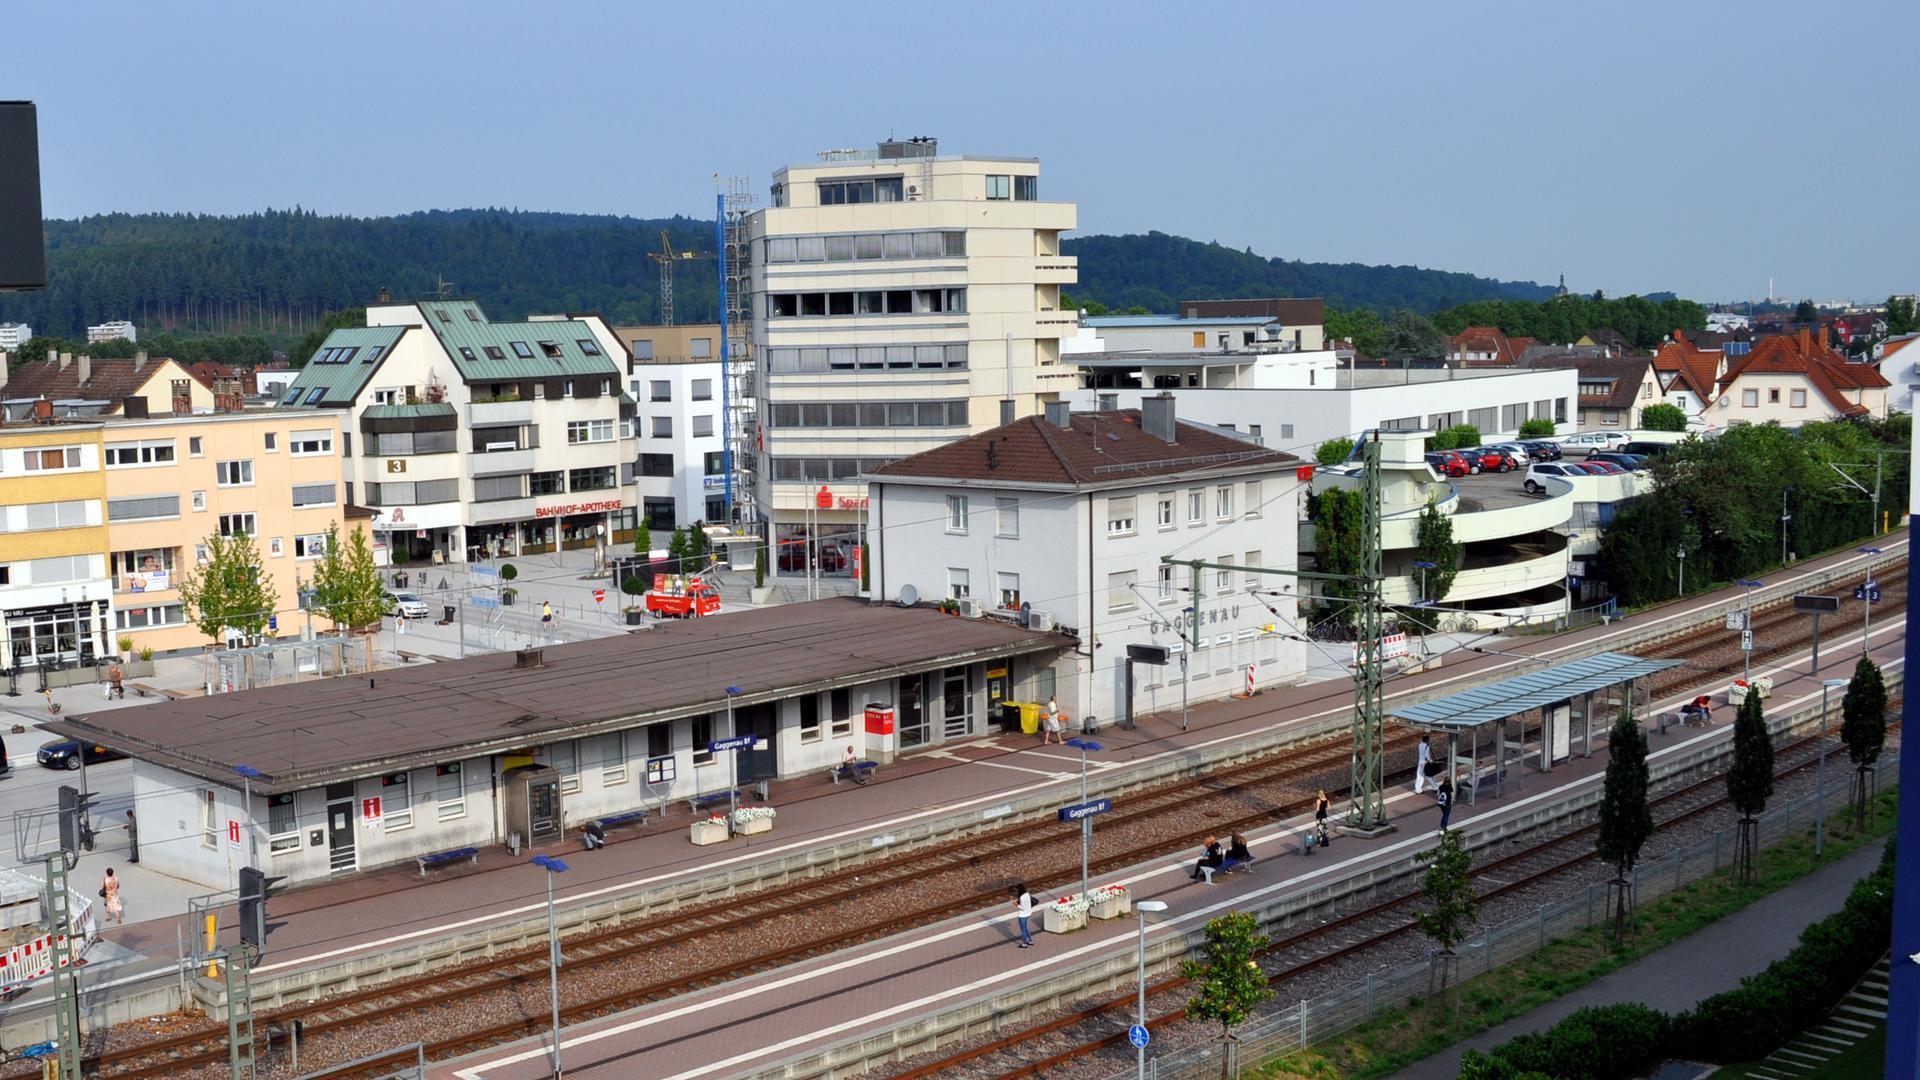 Ansicht Gaggenau Bahnhof mit Sparkasse (Hochhaus) 2018